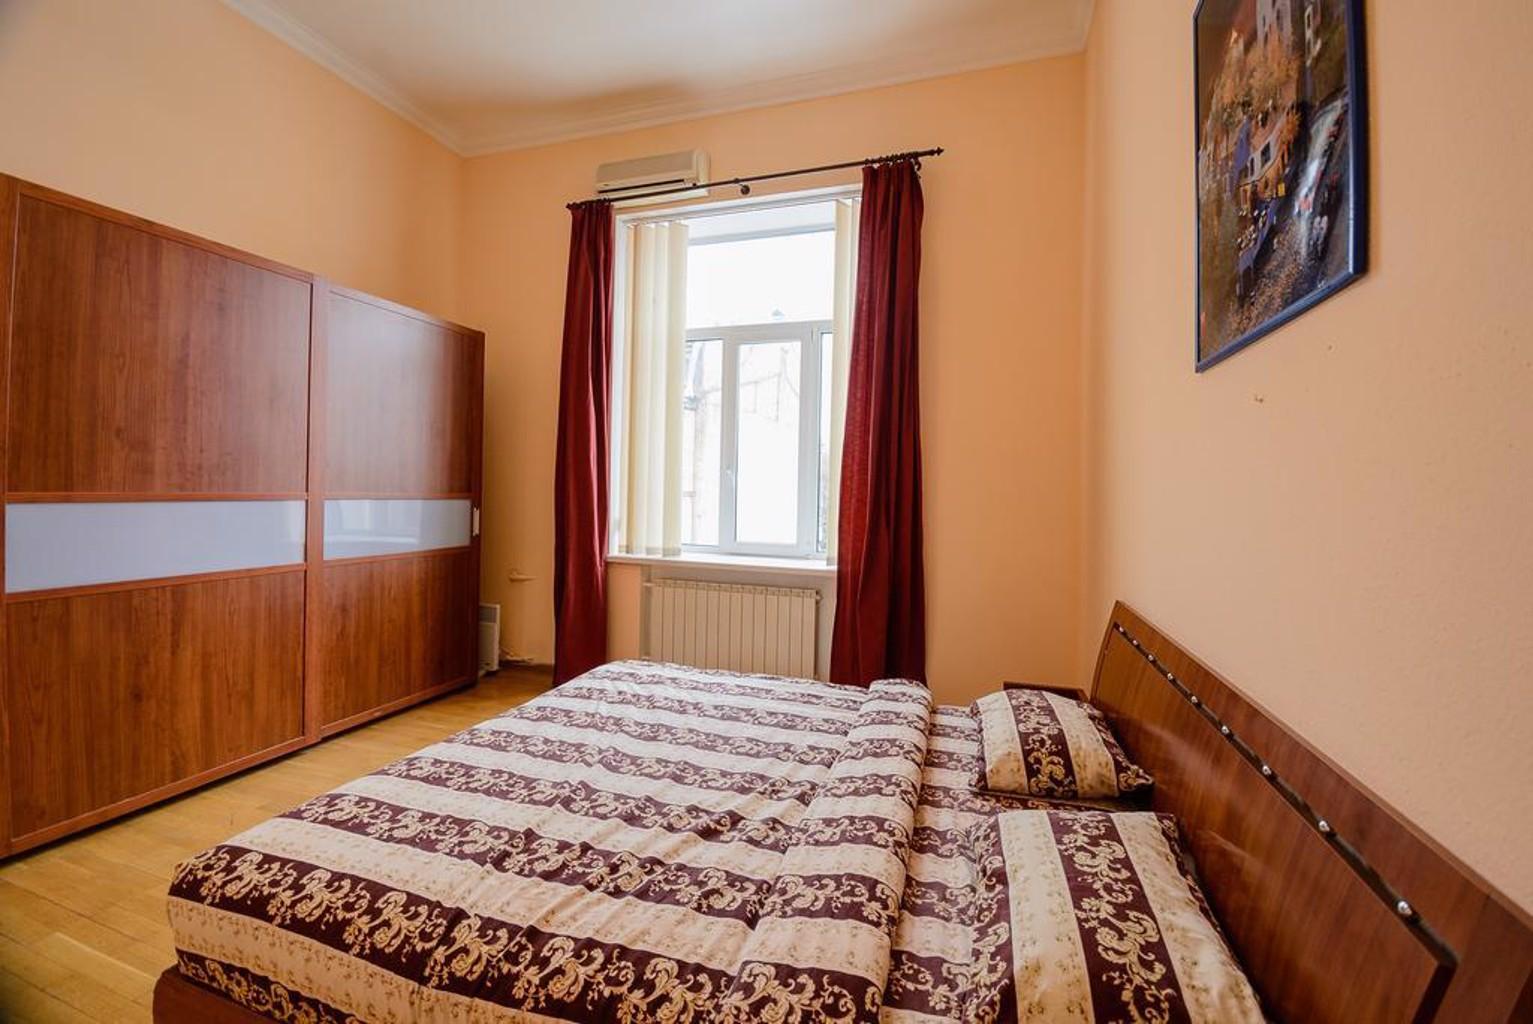 Kiev Accommodation on Muzeynyy lane